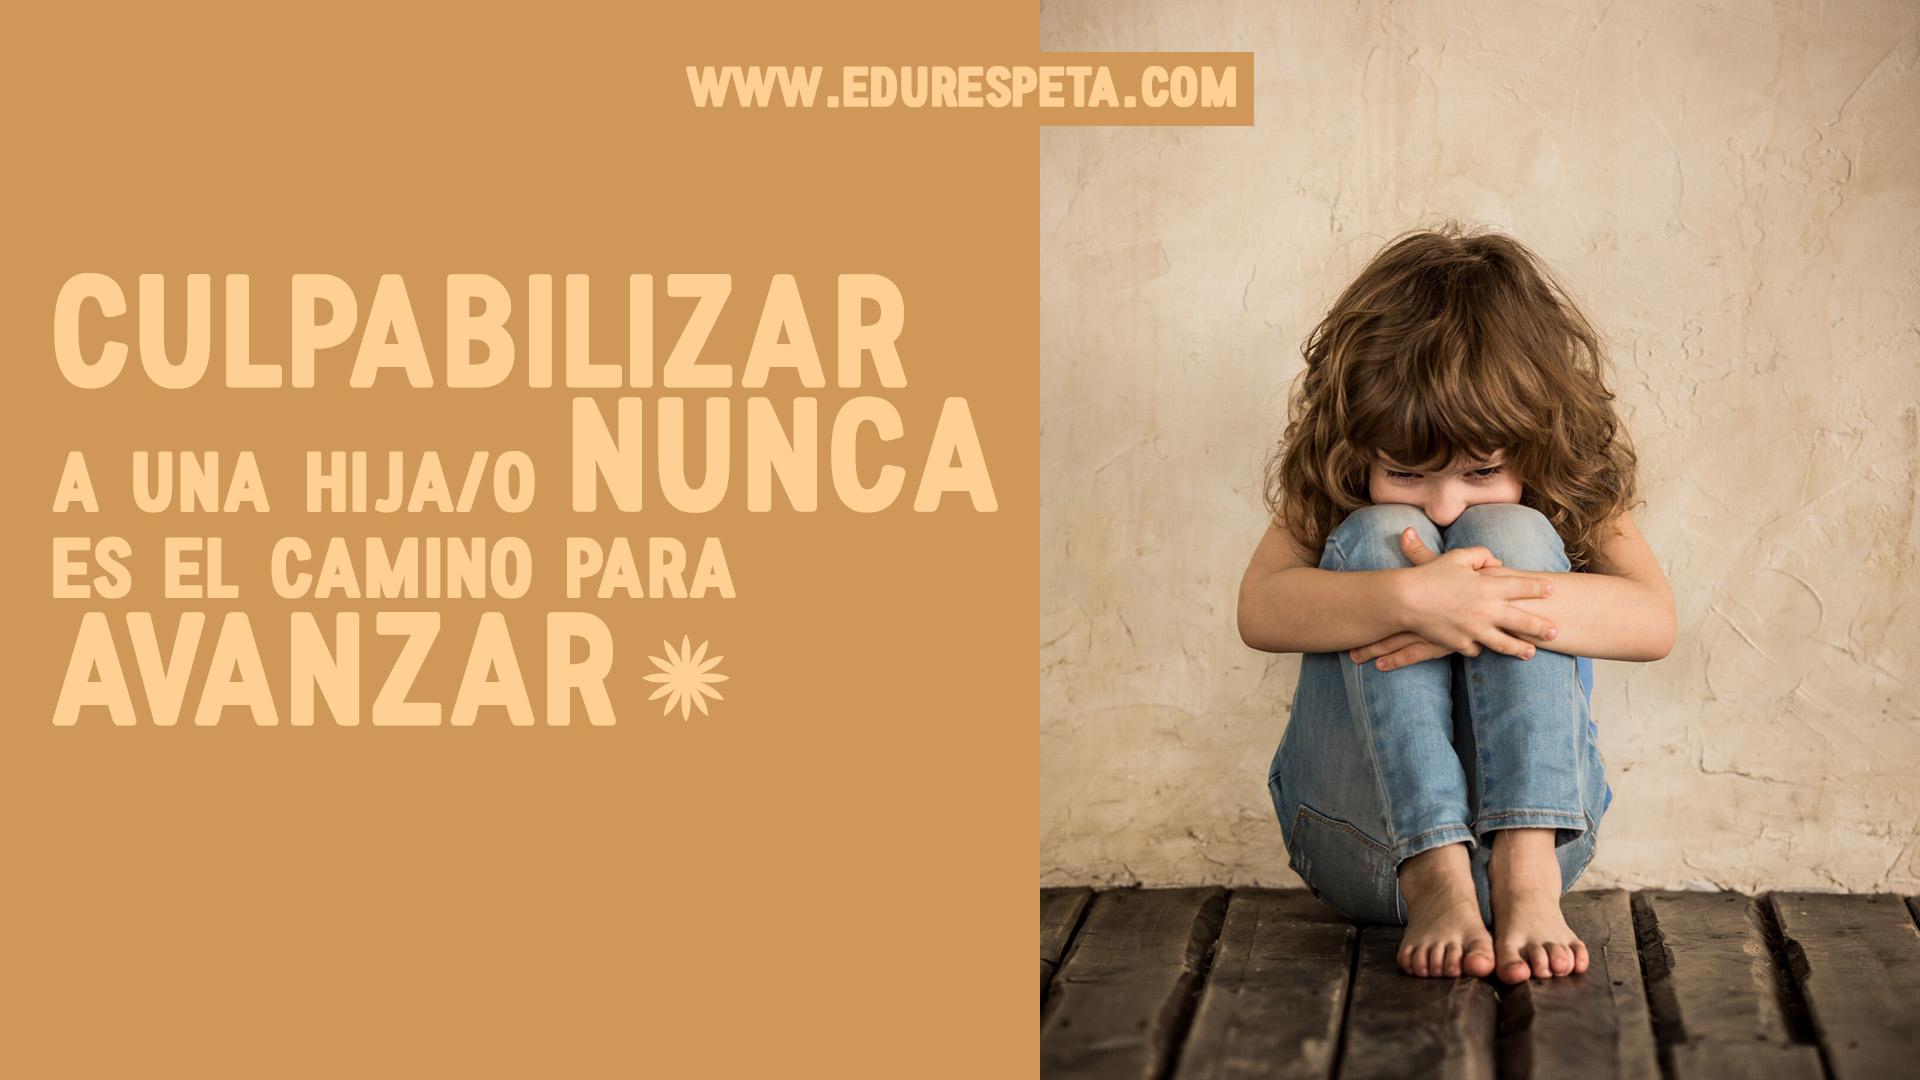 Culpabilizar a una hija/o nunca es el camino para avanzar